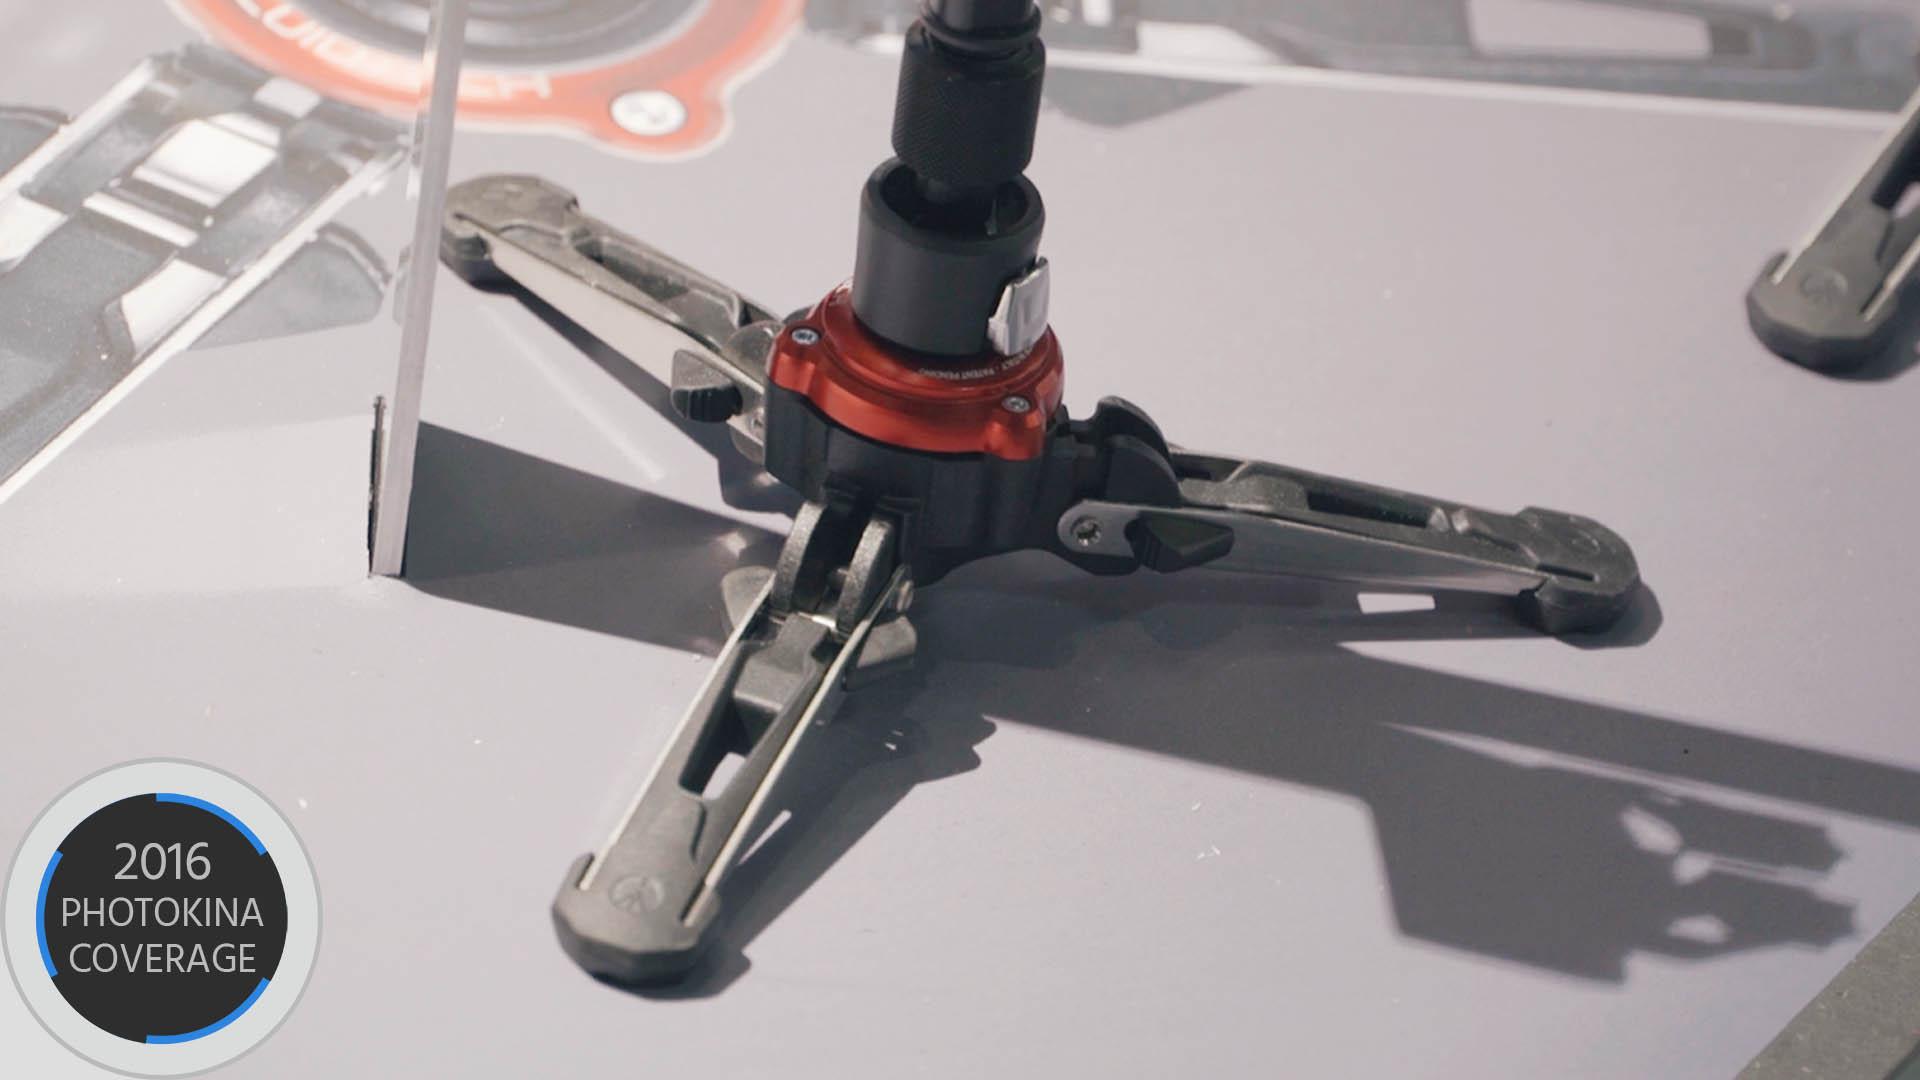 マンフロットがXPRO Monopod+を発表 — ビデオにも使え自立できるモノポッド